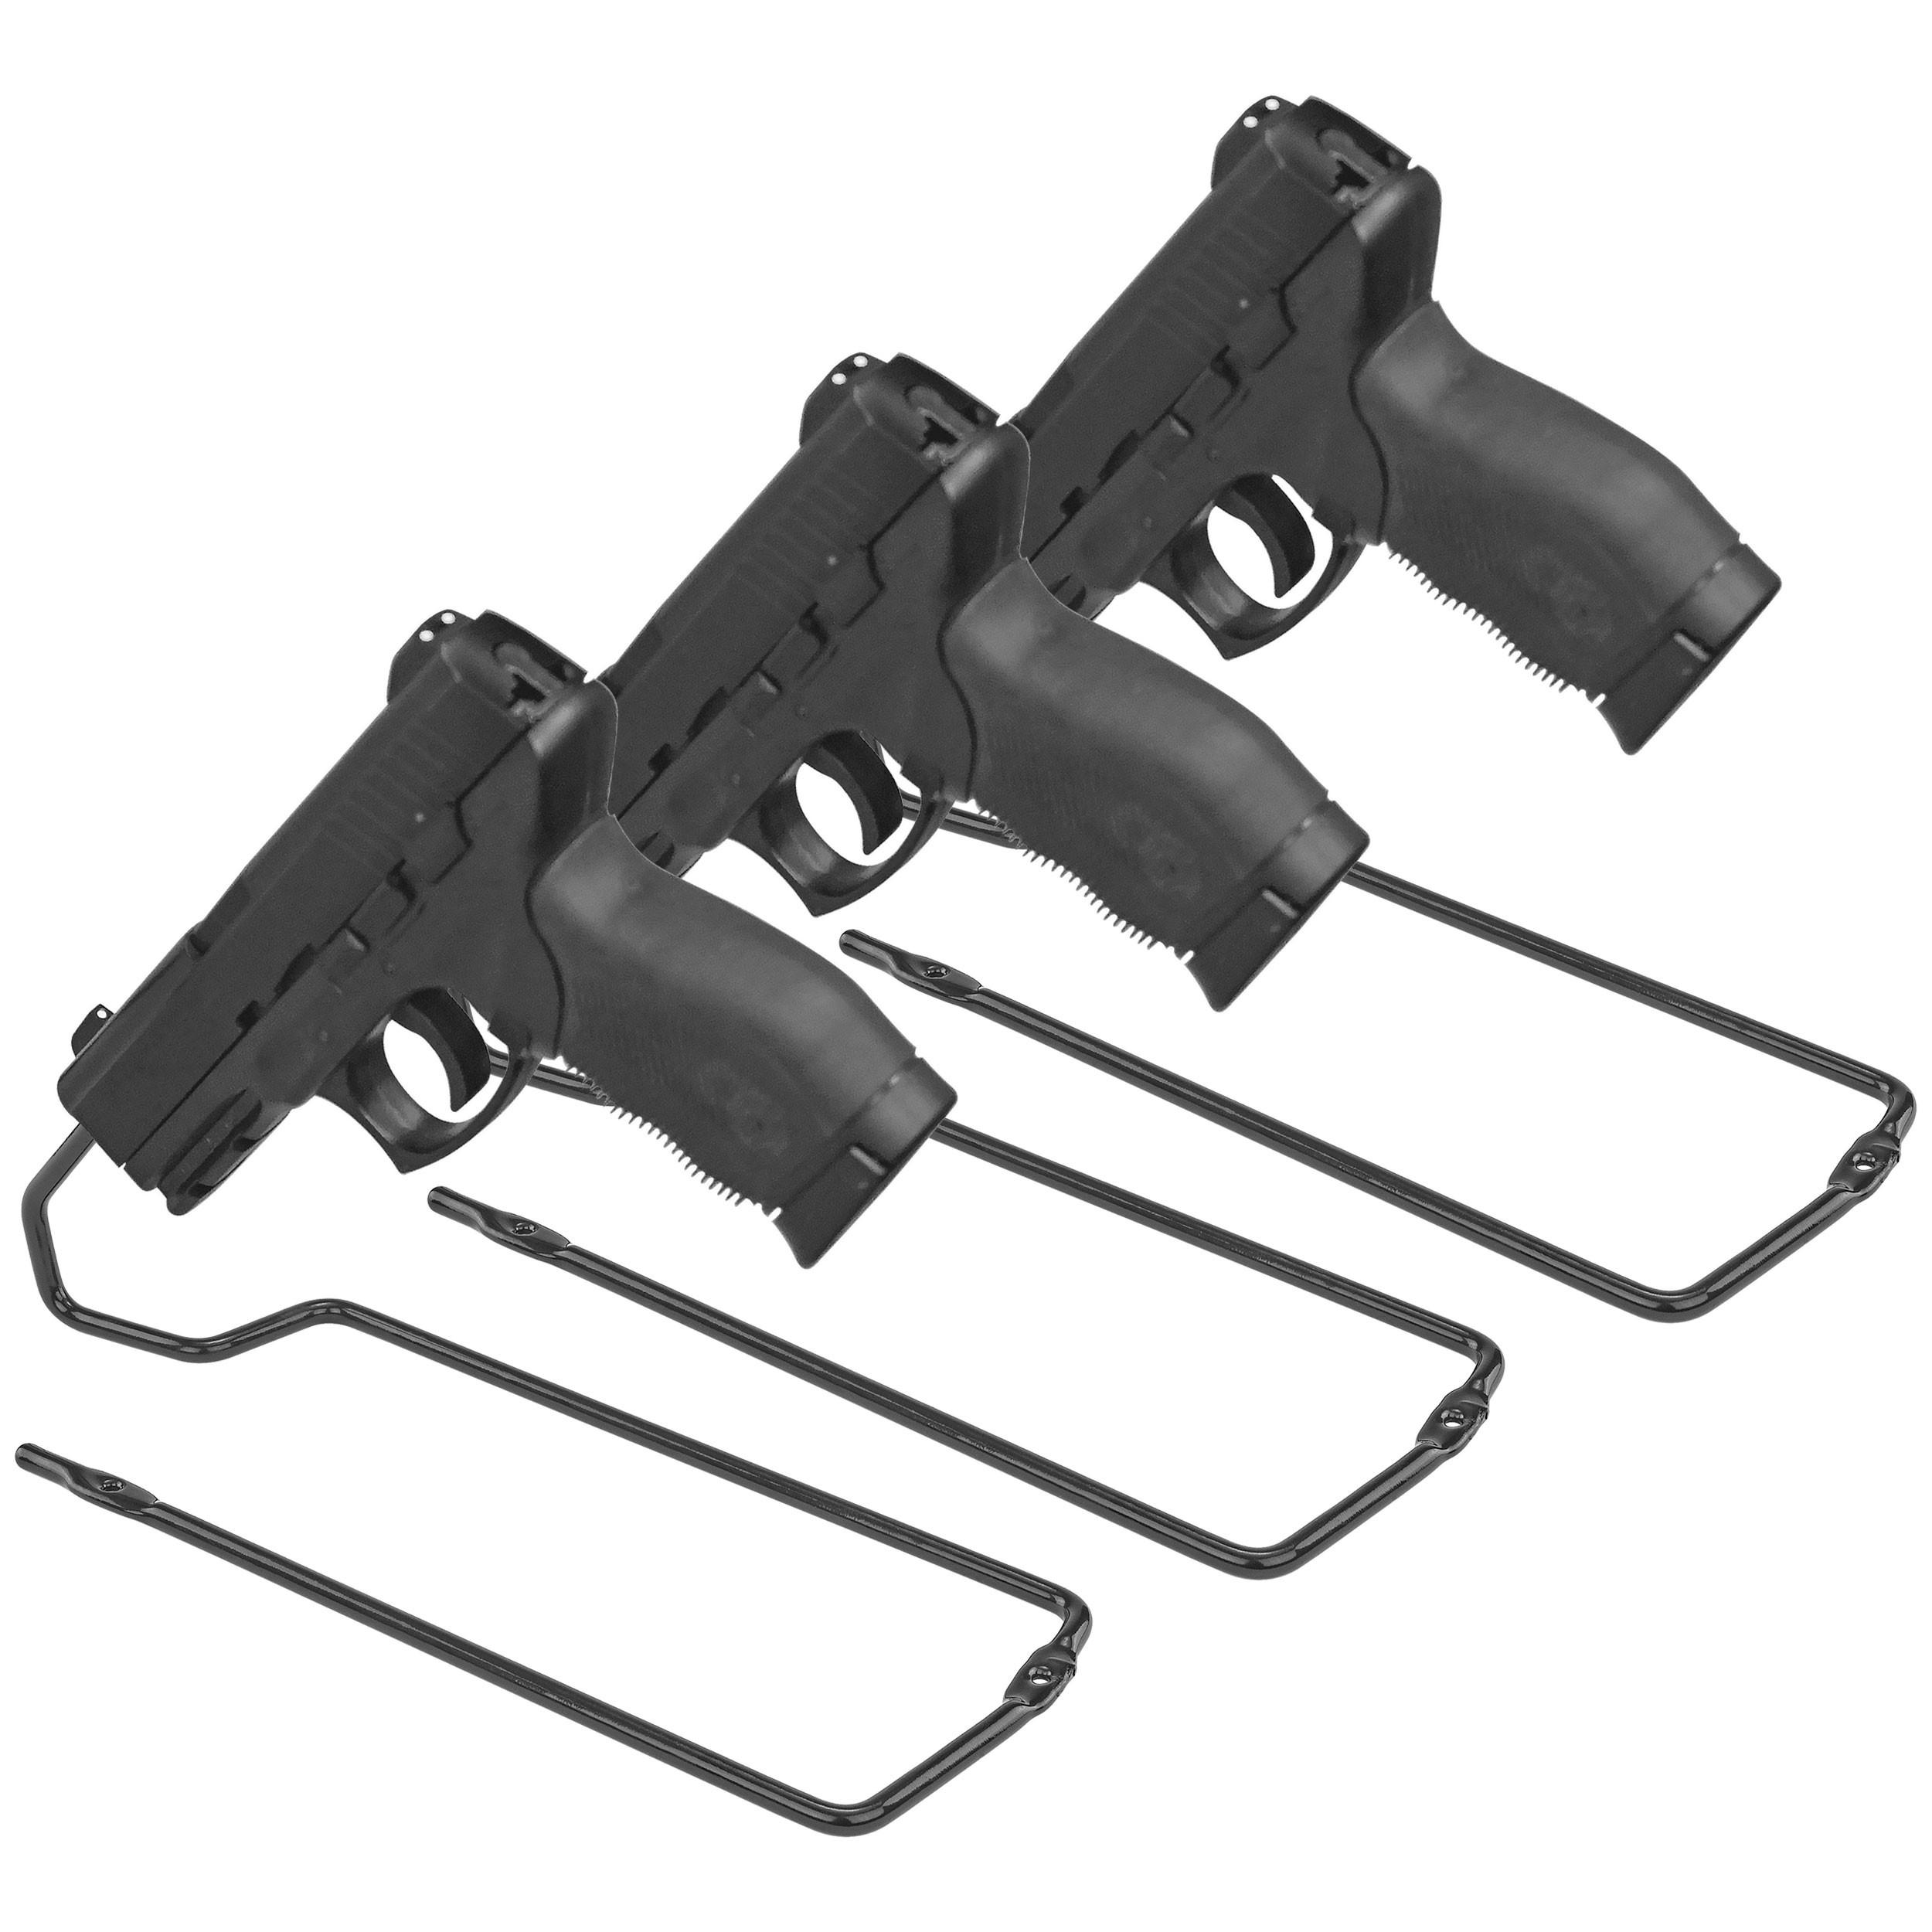 BOOMSTICK Gun Accessories Stand Style Vinyl Coated Metal Handgun Pistol Rack